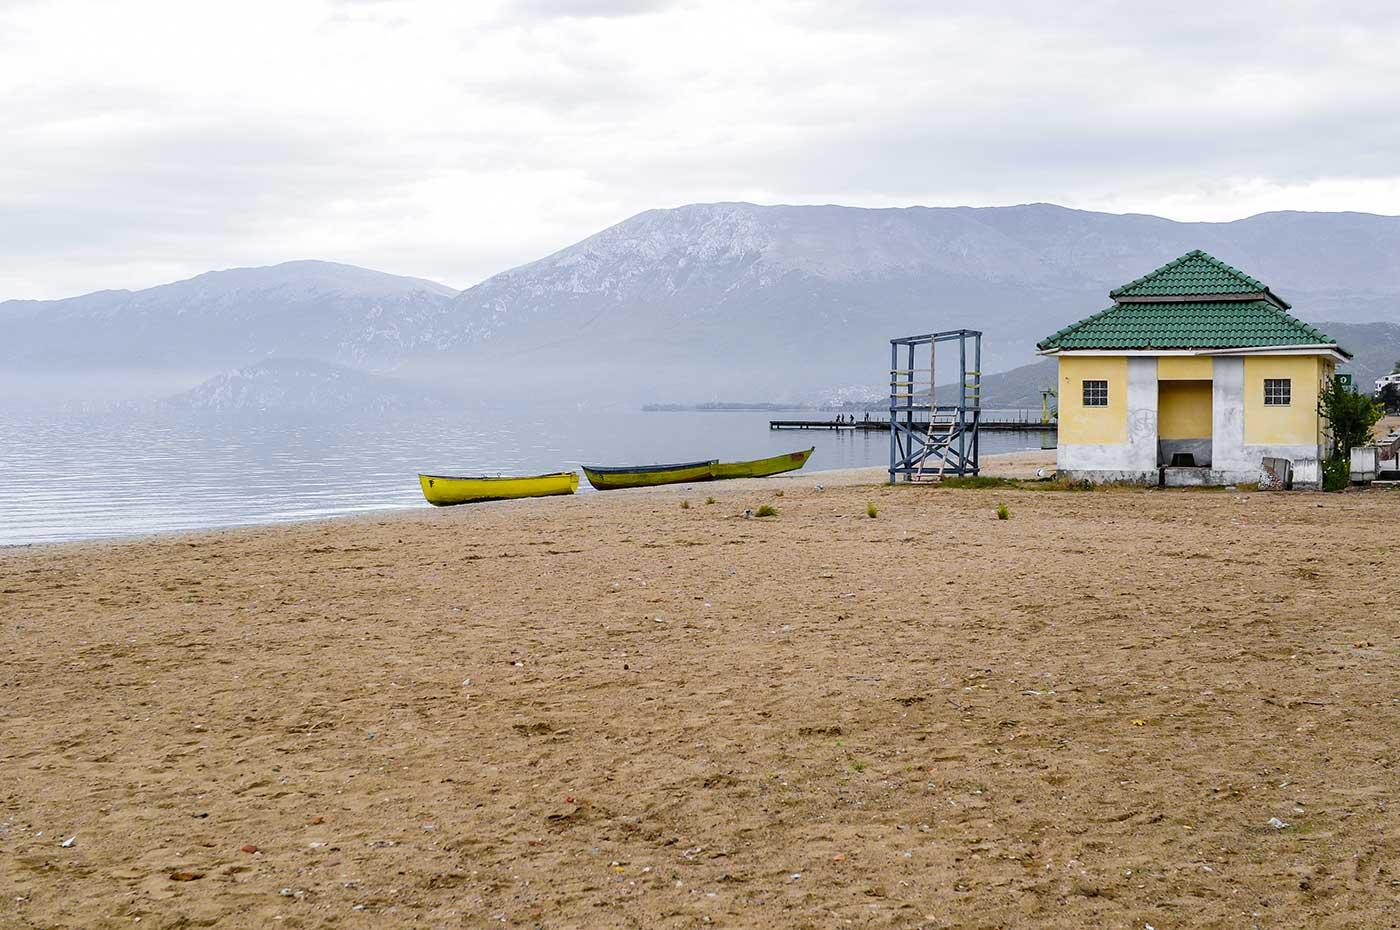 Am Ohridsee an der Grenze zwischen den Ländern Albanien und Nordmazedonien